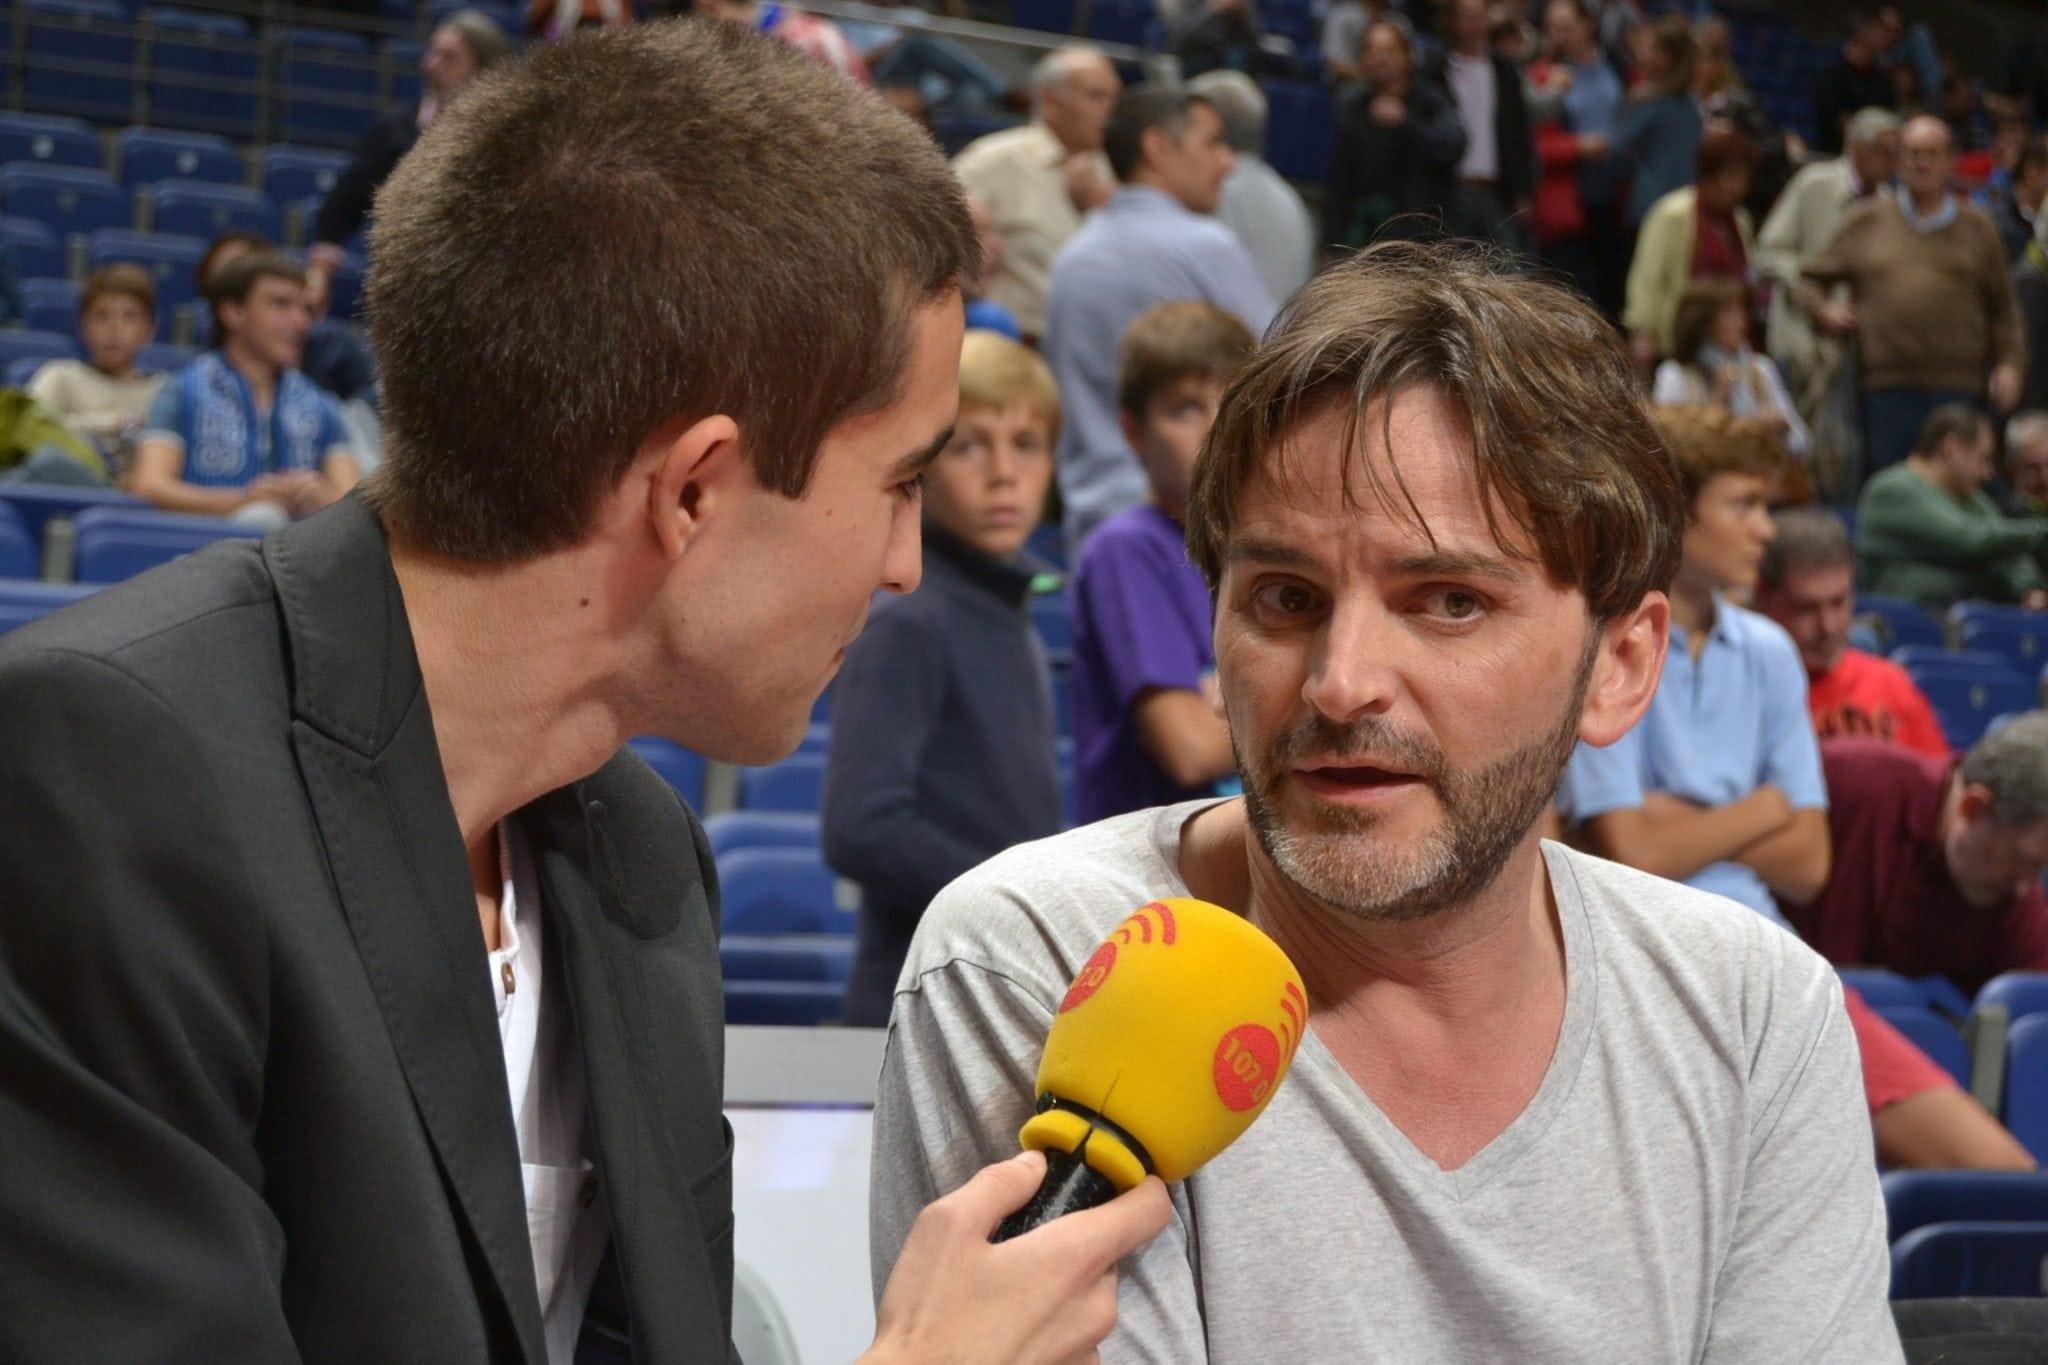 """Fernando Tejero en el Palco VIP de Libertad FM: """"Nunca había venido al baloncesto, me dan ganas de botar"""""""